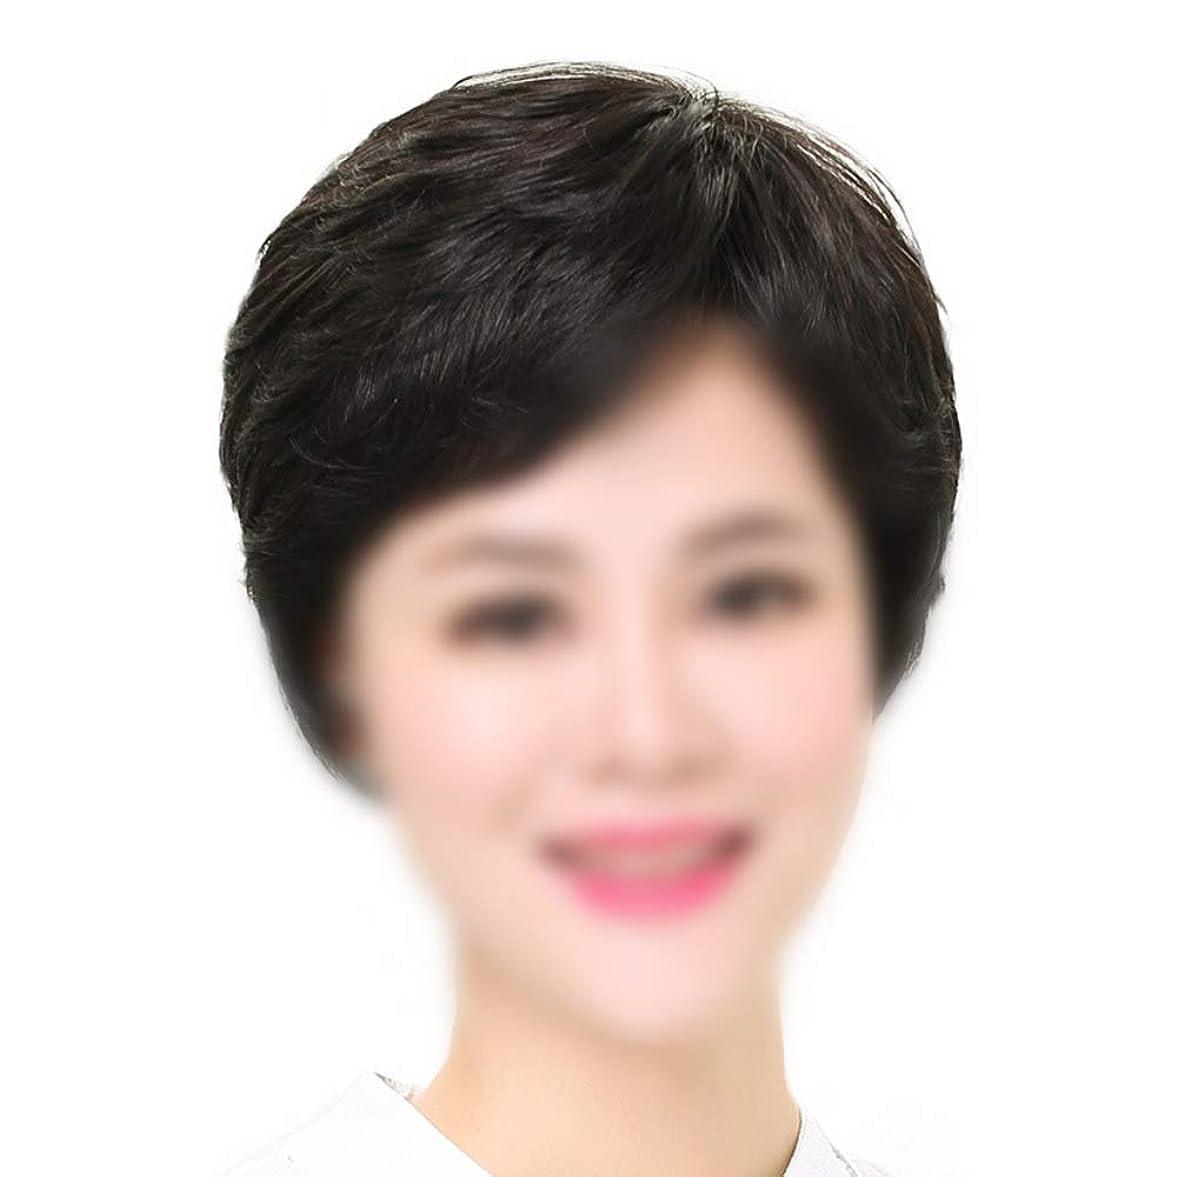 降ろす感謝祭郵便YESONEEP フル織りの女性の自然な人間の髪の毛のマイクロ波短髪中年のかつらパーティーのかつら (Color : Natural black, サイズ : Mechanism)